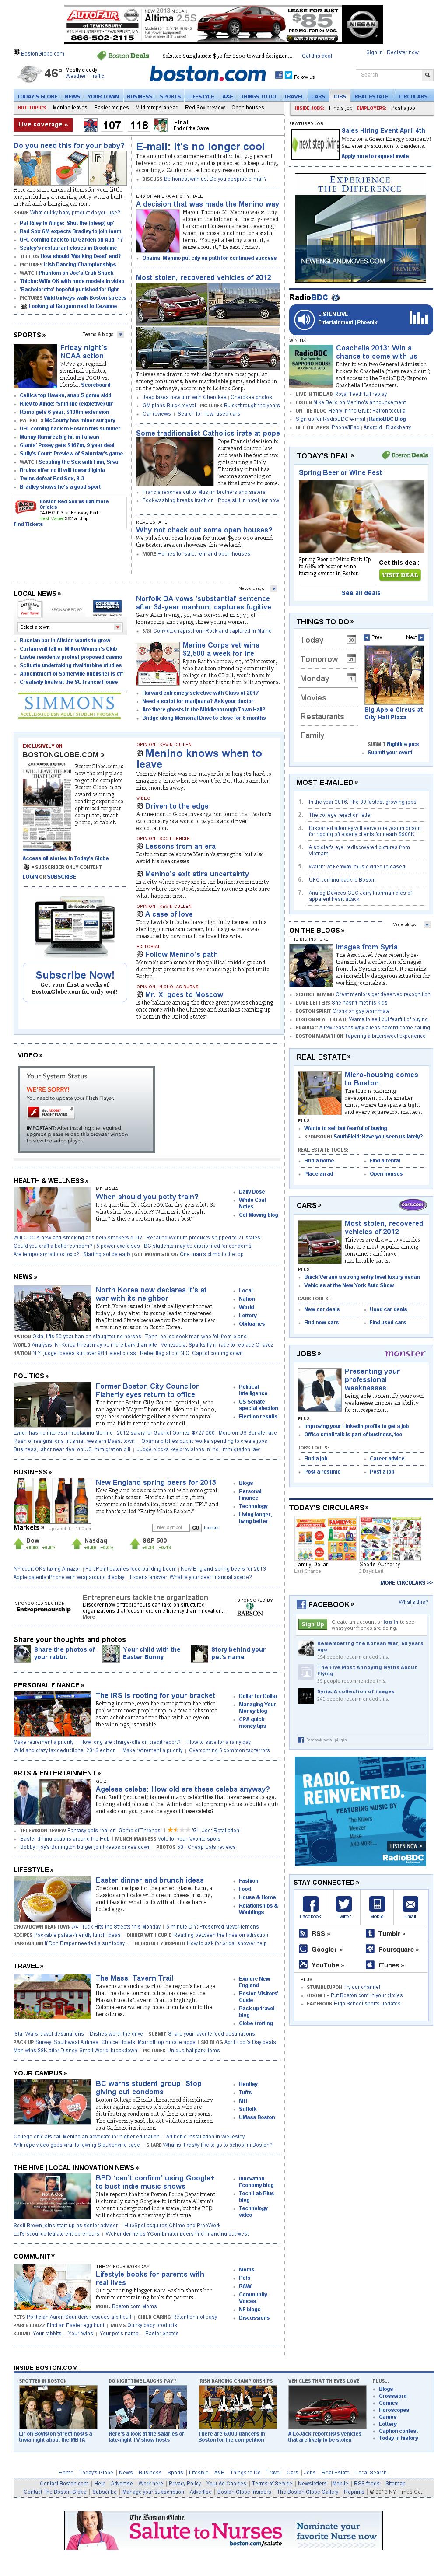 Boston.com at Saturday March 30, 2013, 5:02 a.m. UTC